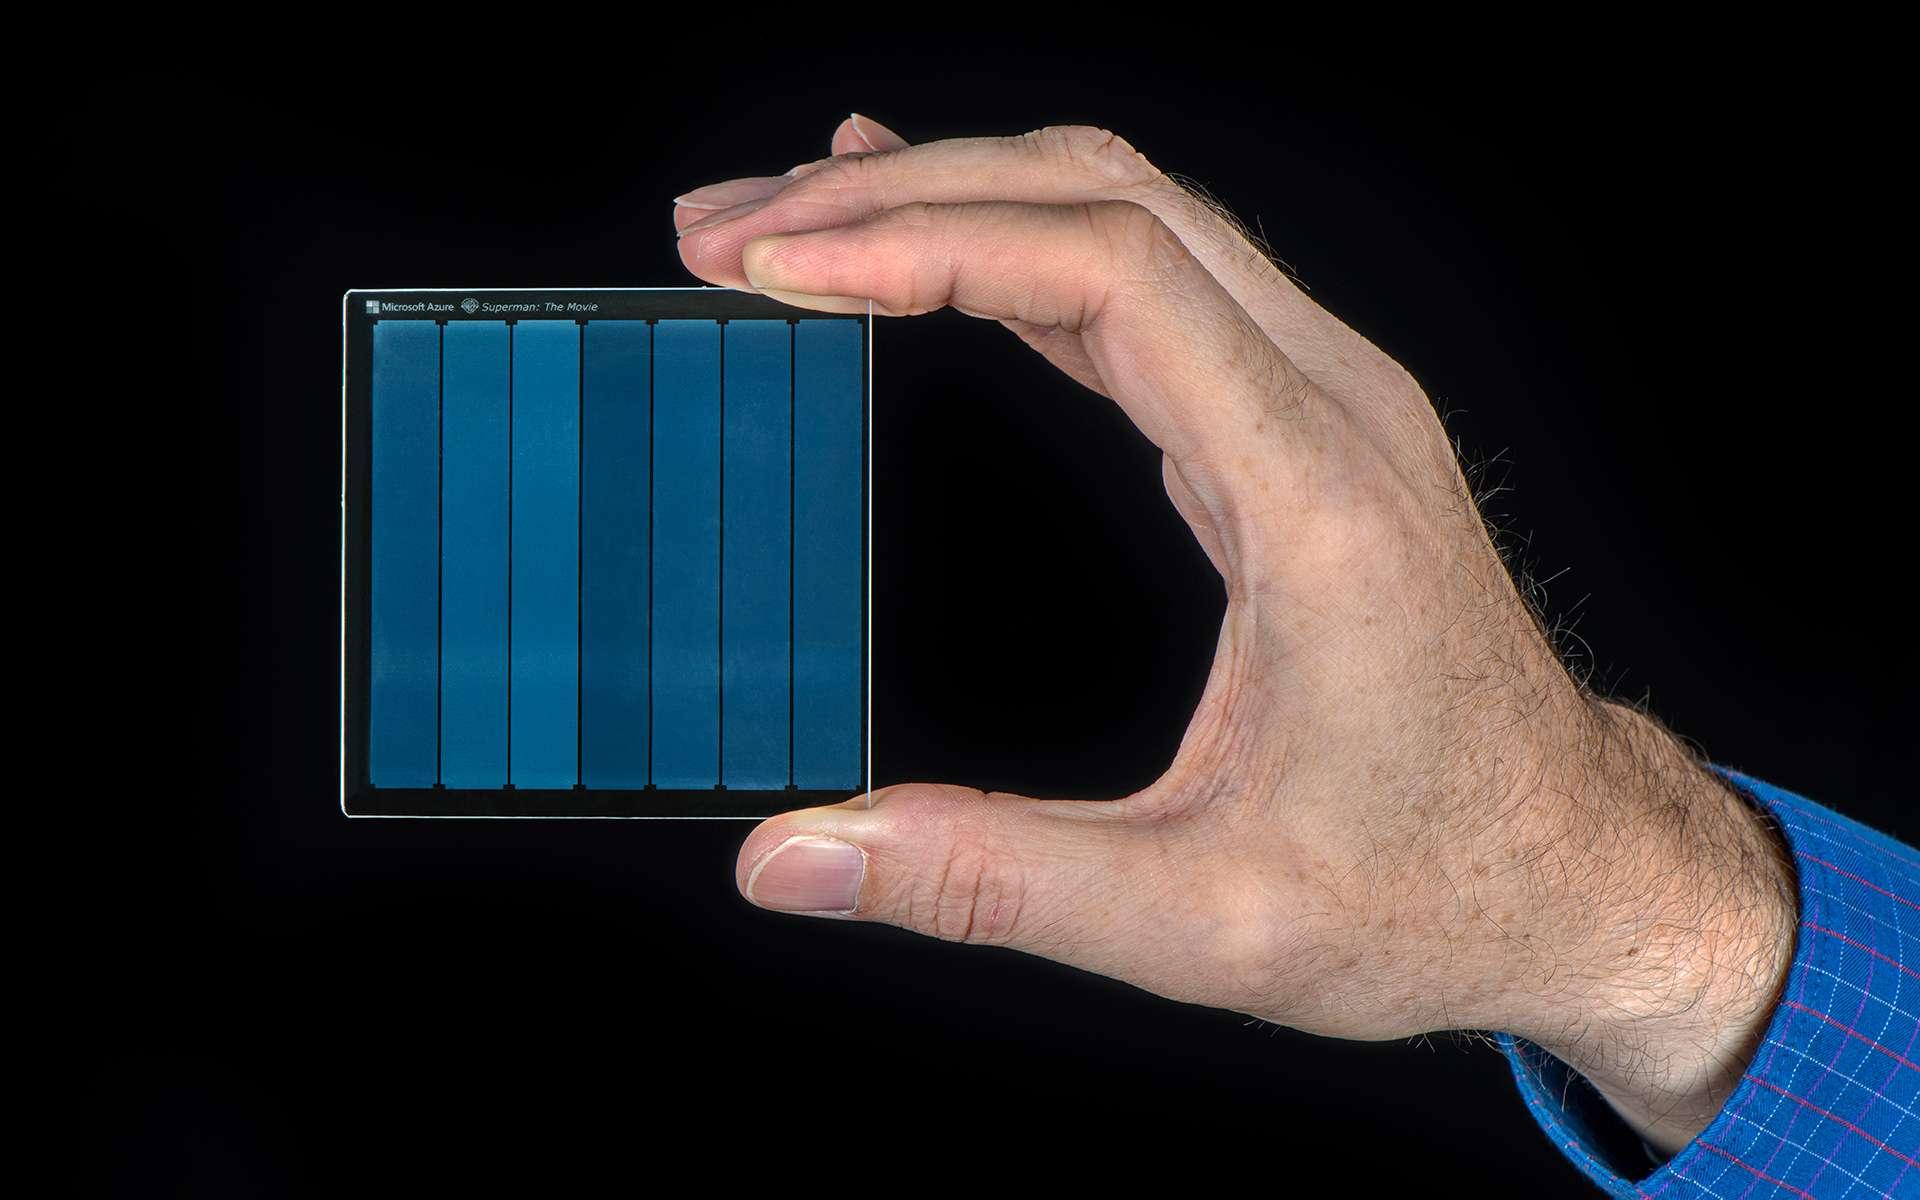 Des pulsations laser déforment physiquement le verre pour encoder les données. © Jonathan Banks, Microsoft